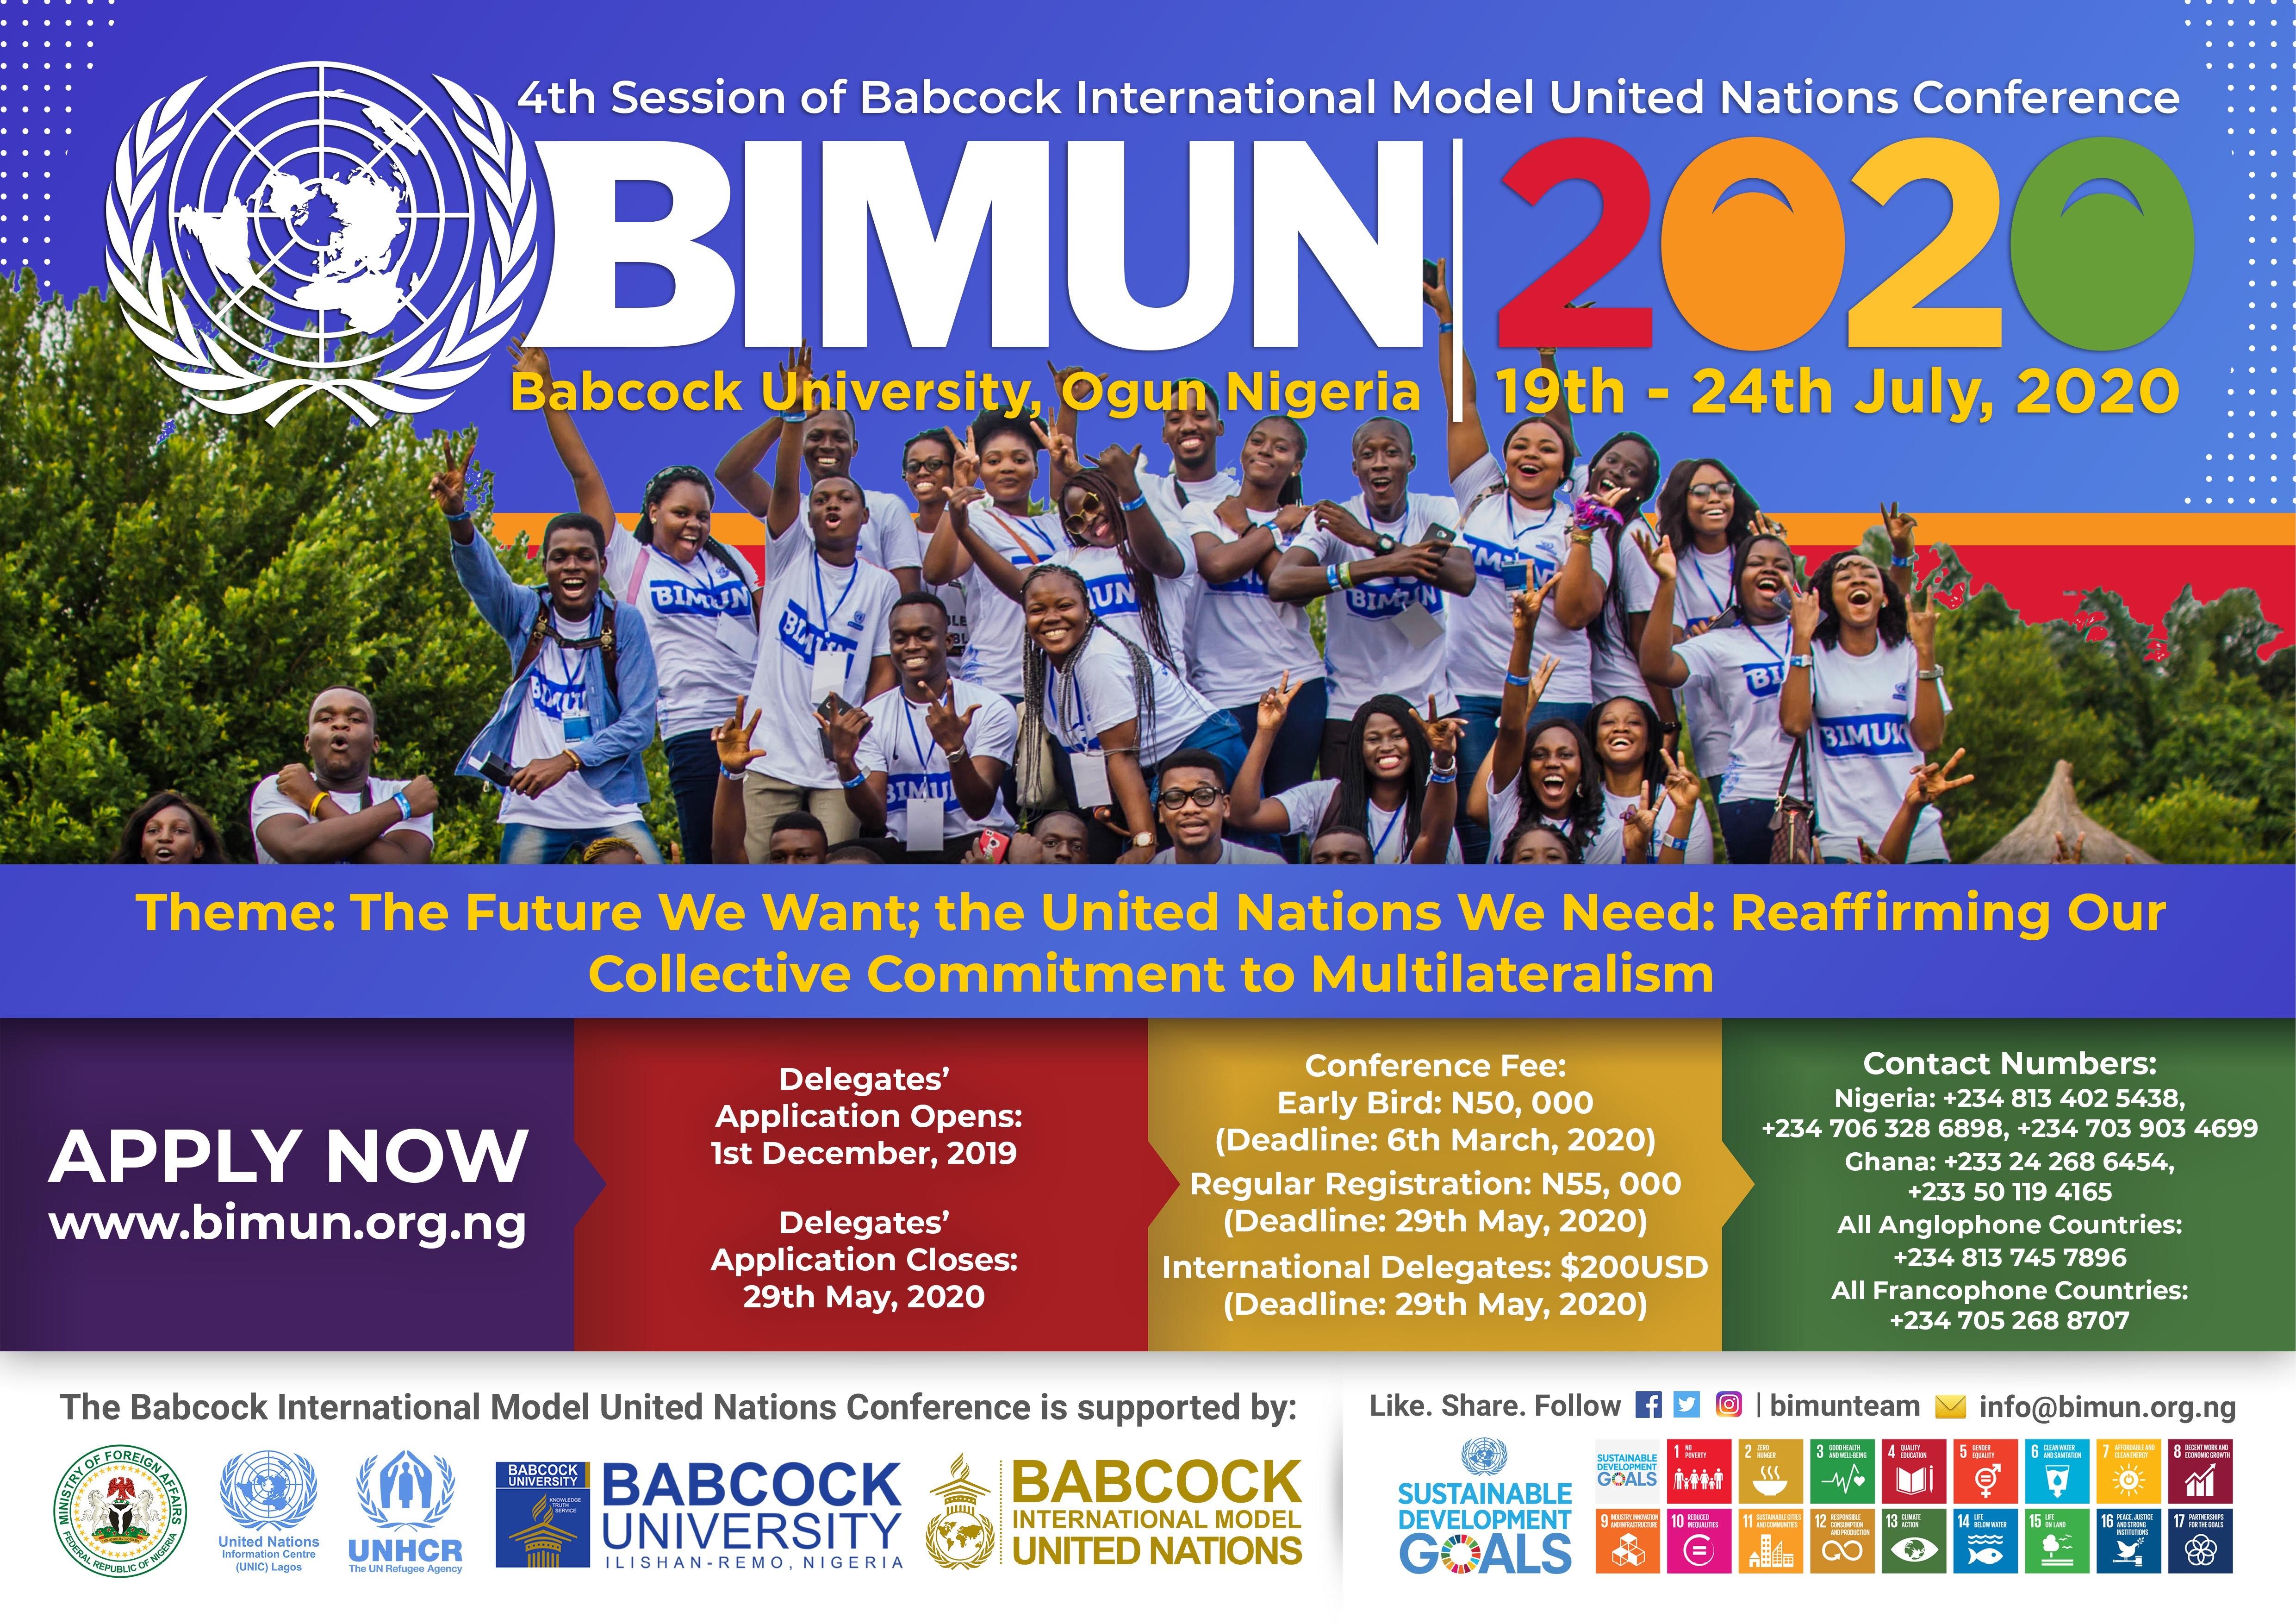 BIMUN 2020